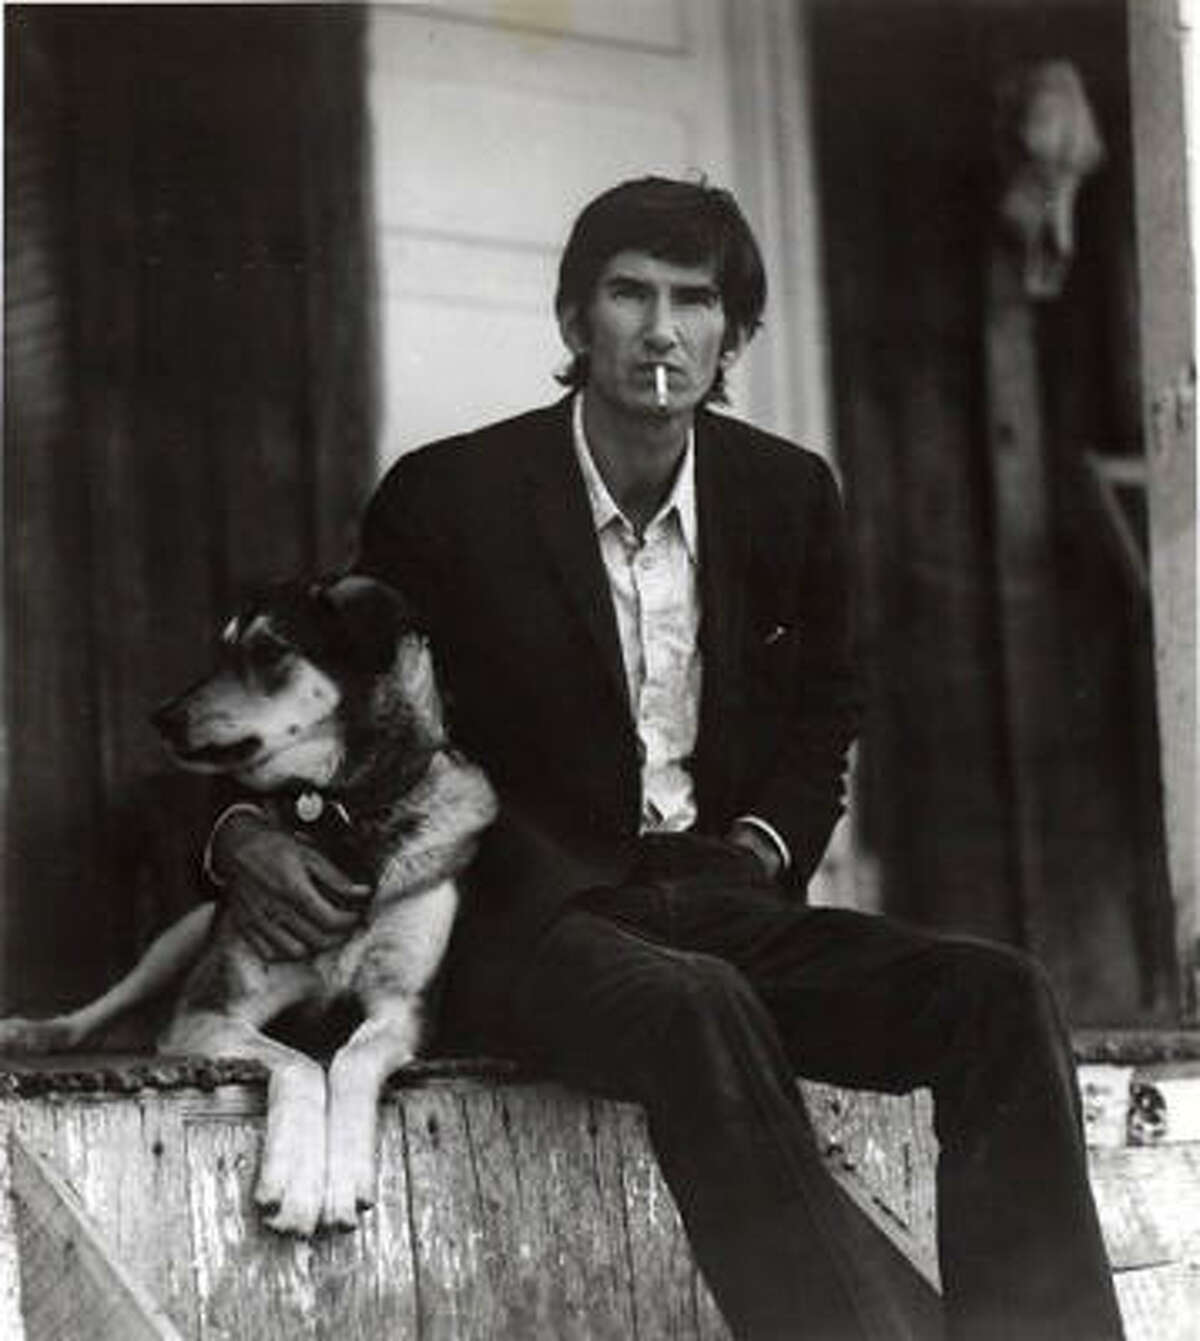 Townes Van Zandt and his dog, Geraldine.